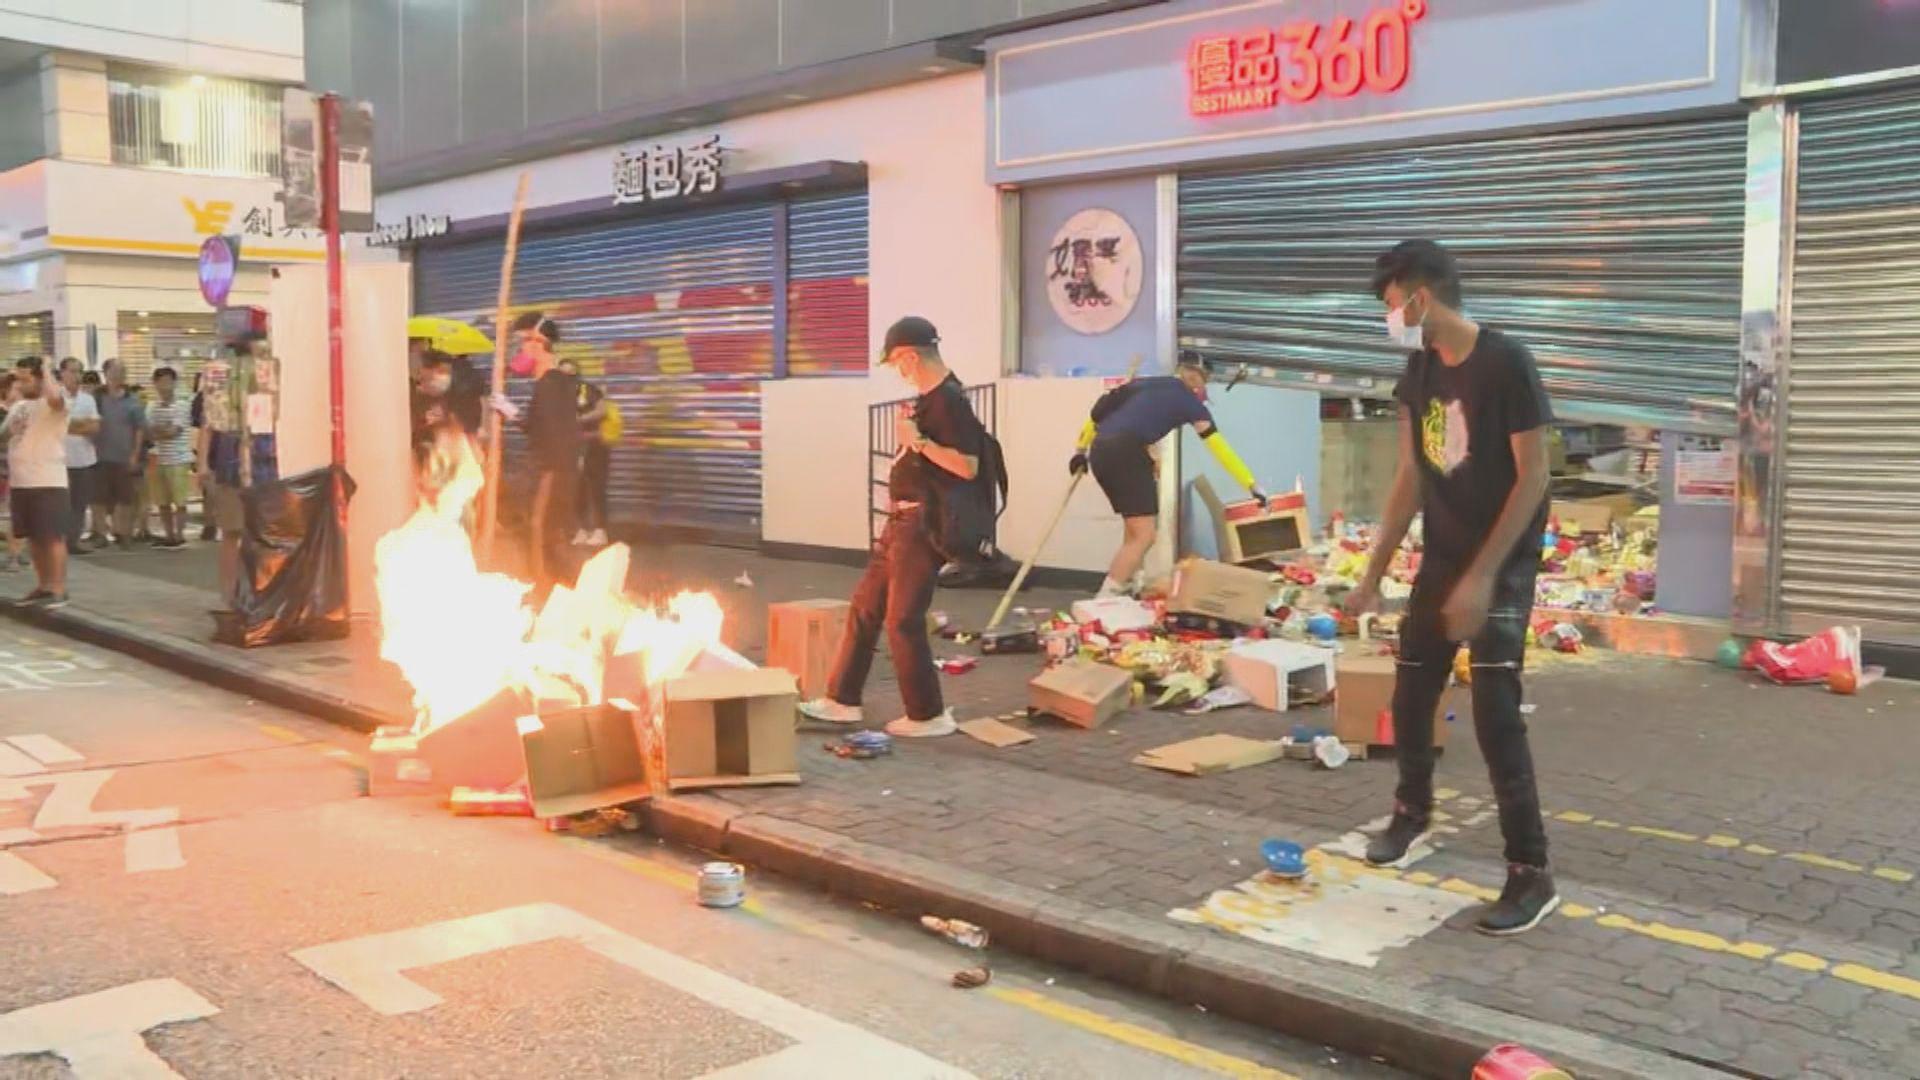 示威者旺角縱火及破壞港鐵站 警方一度舉起黑旗